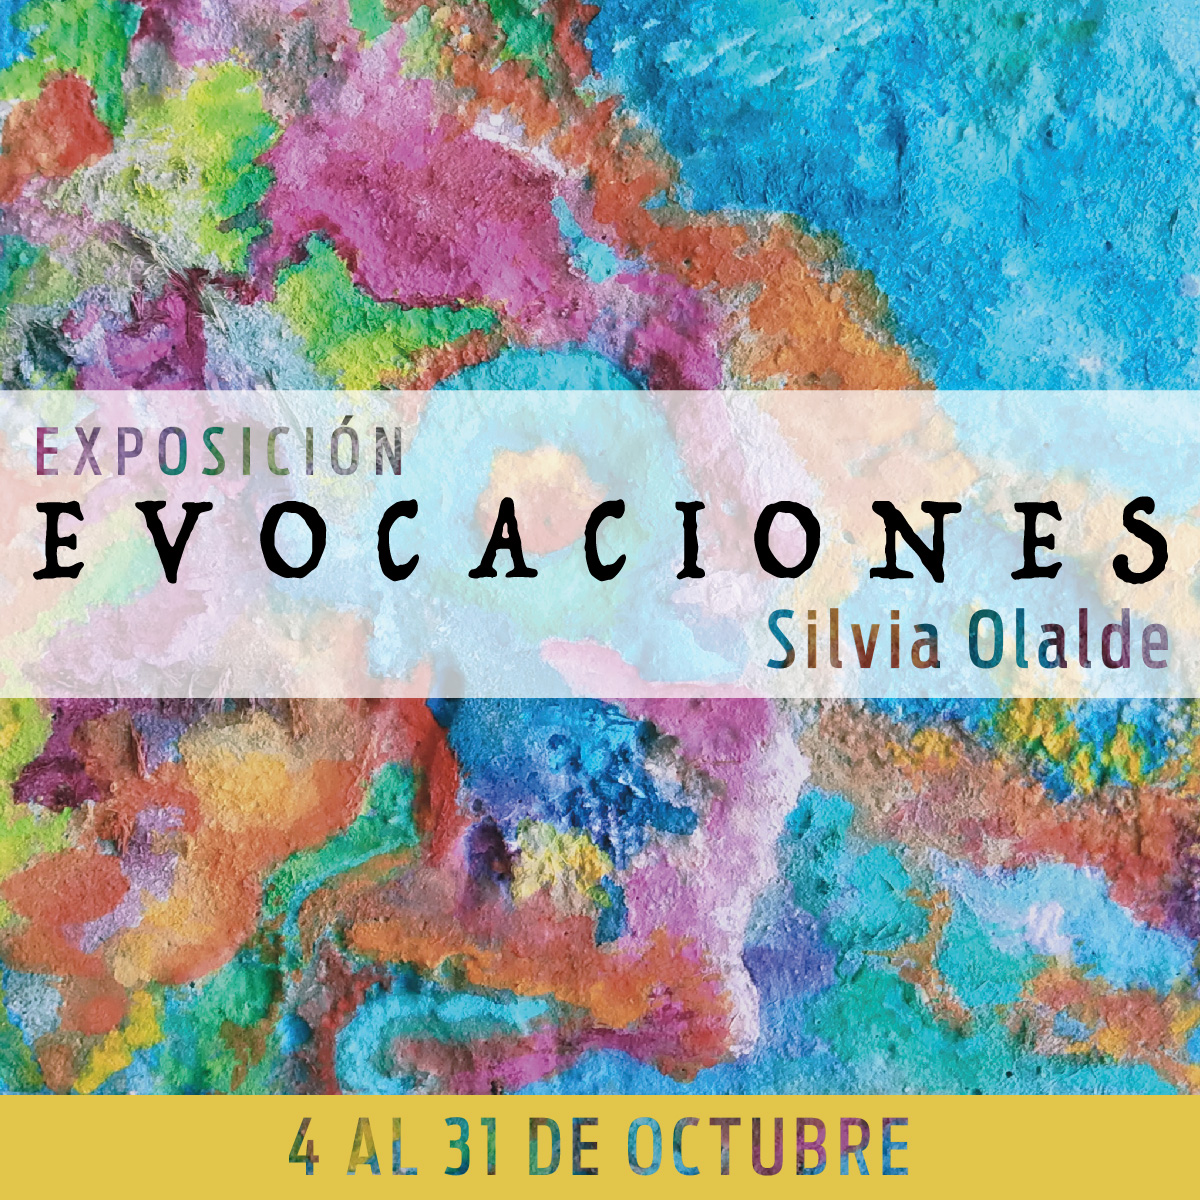 EVOCACIONES